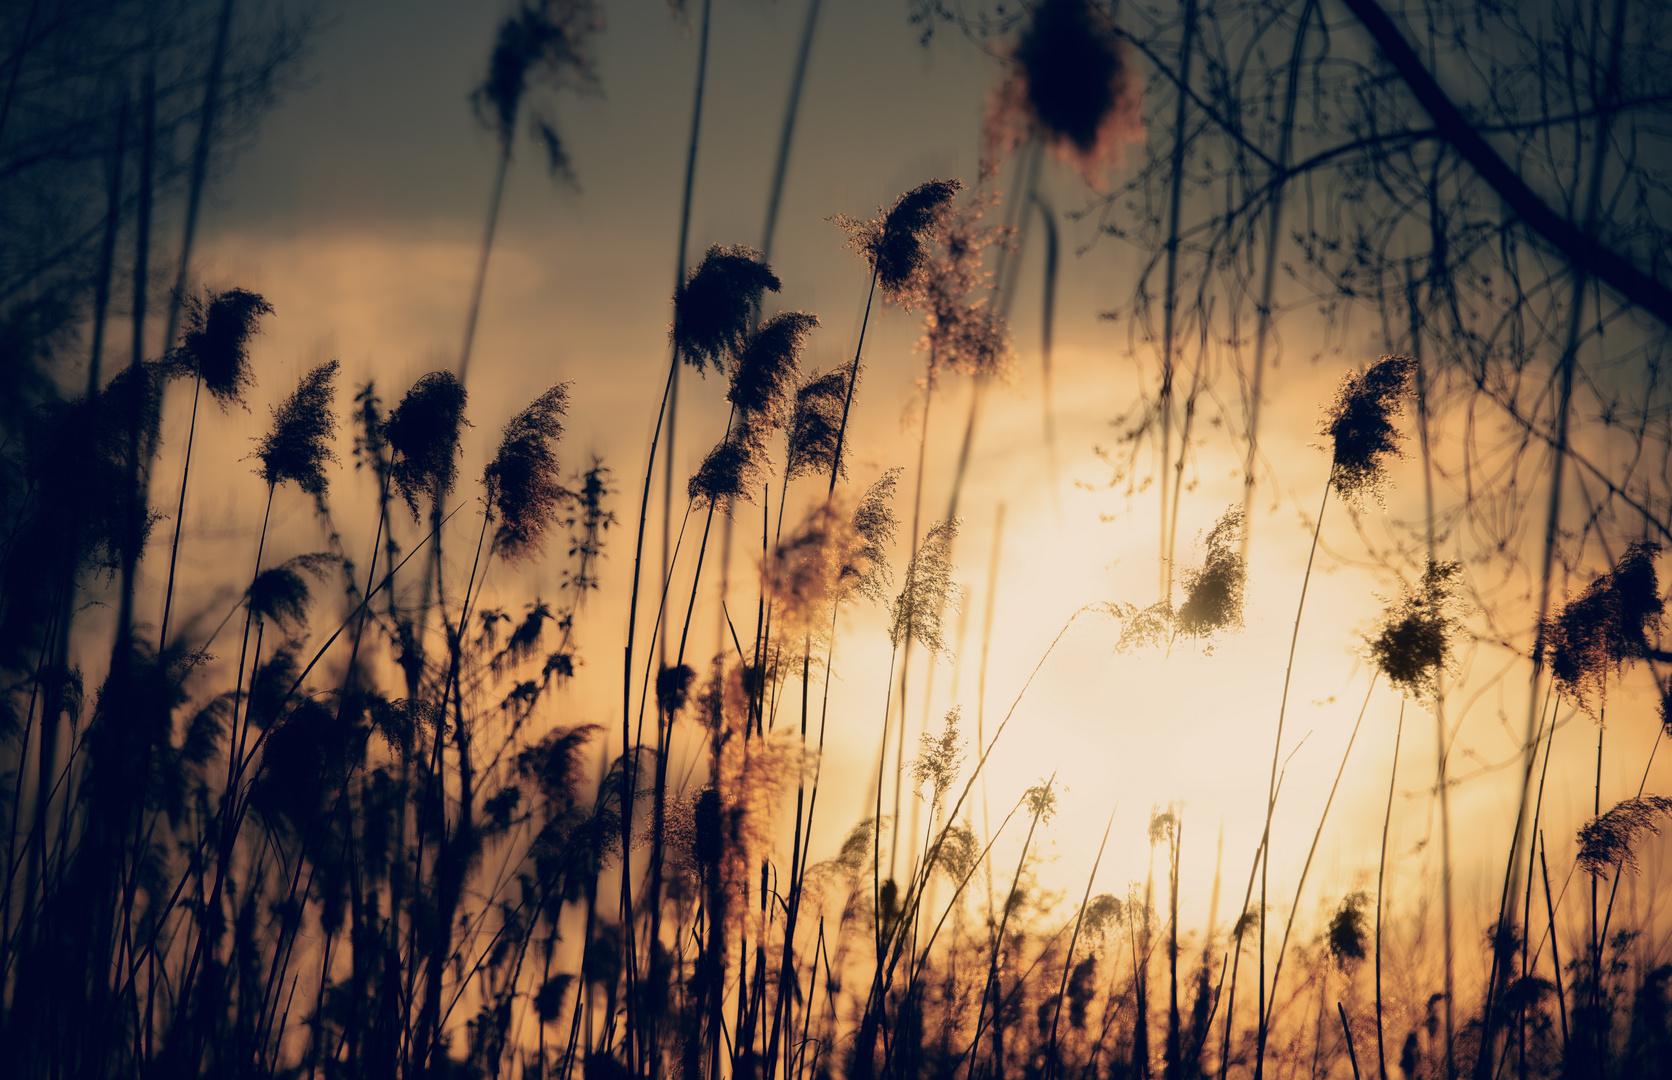 Grasses in sunset